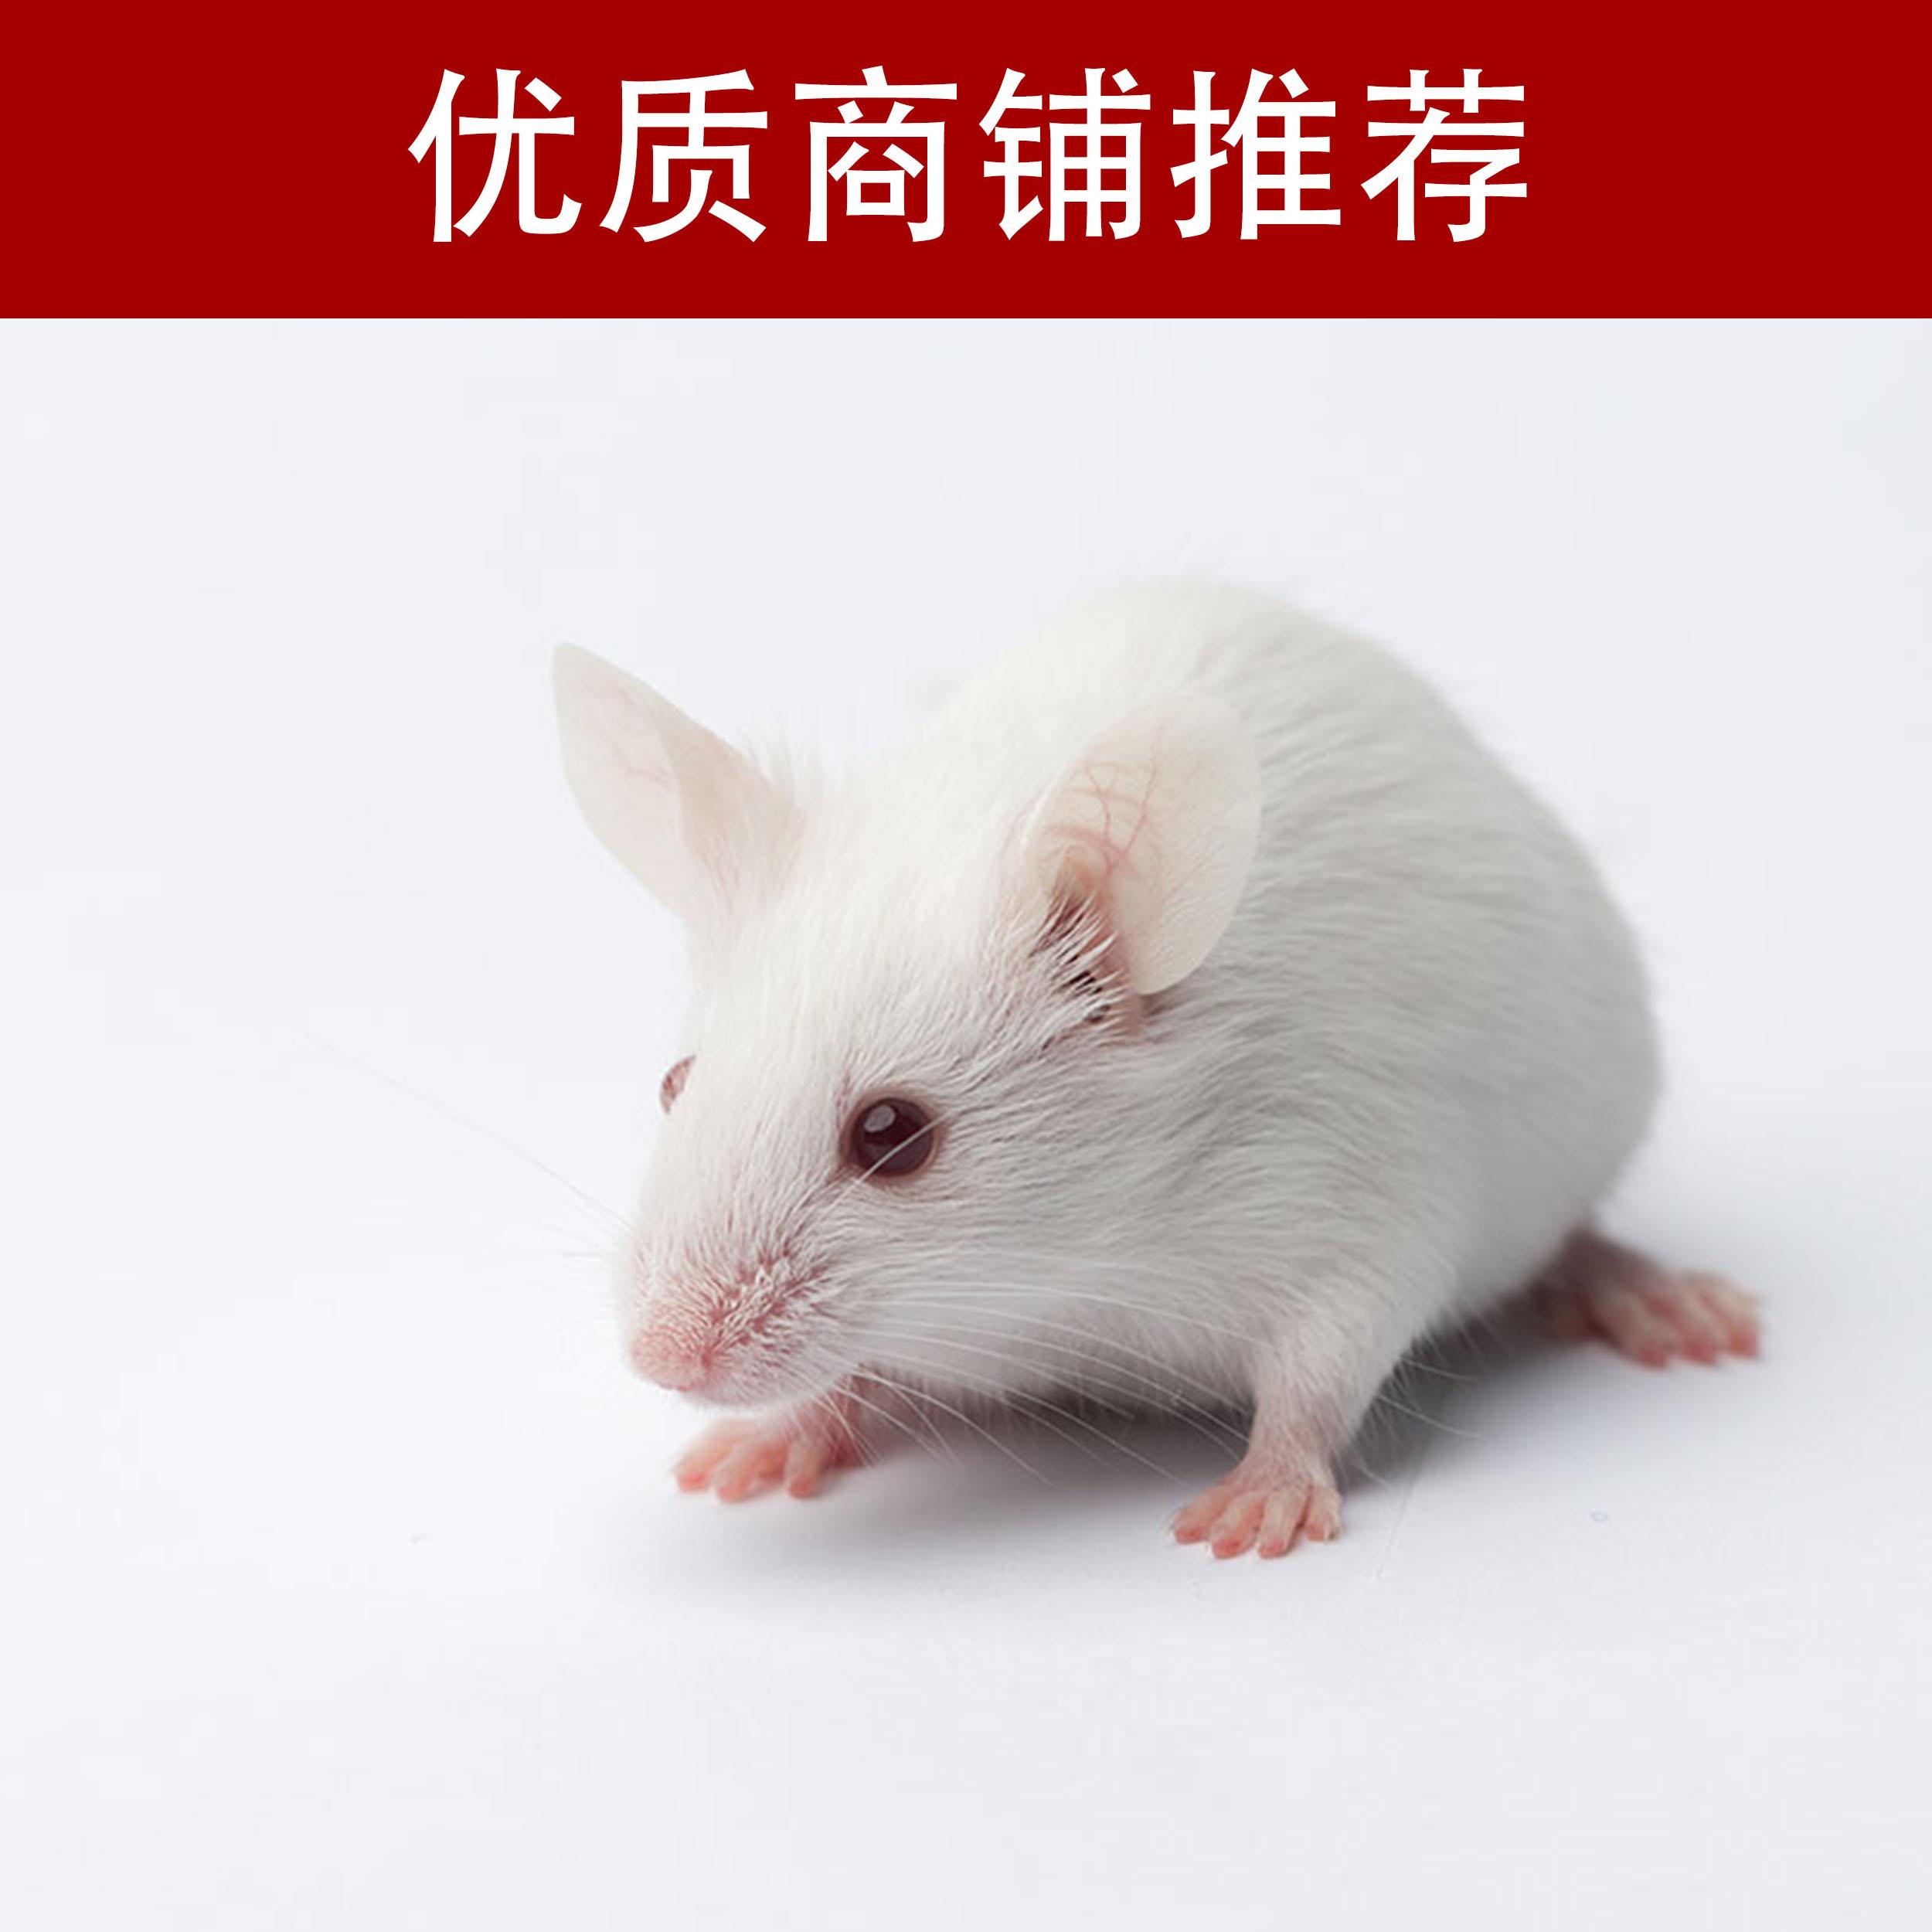 炎症性肠病动物模型(IBD)制备